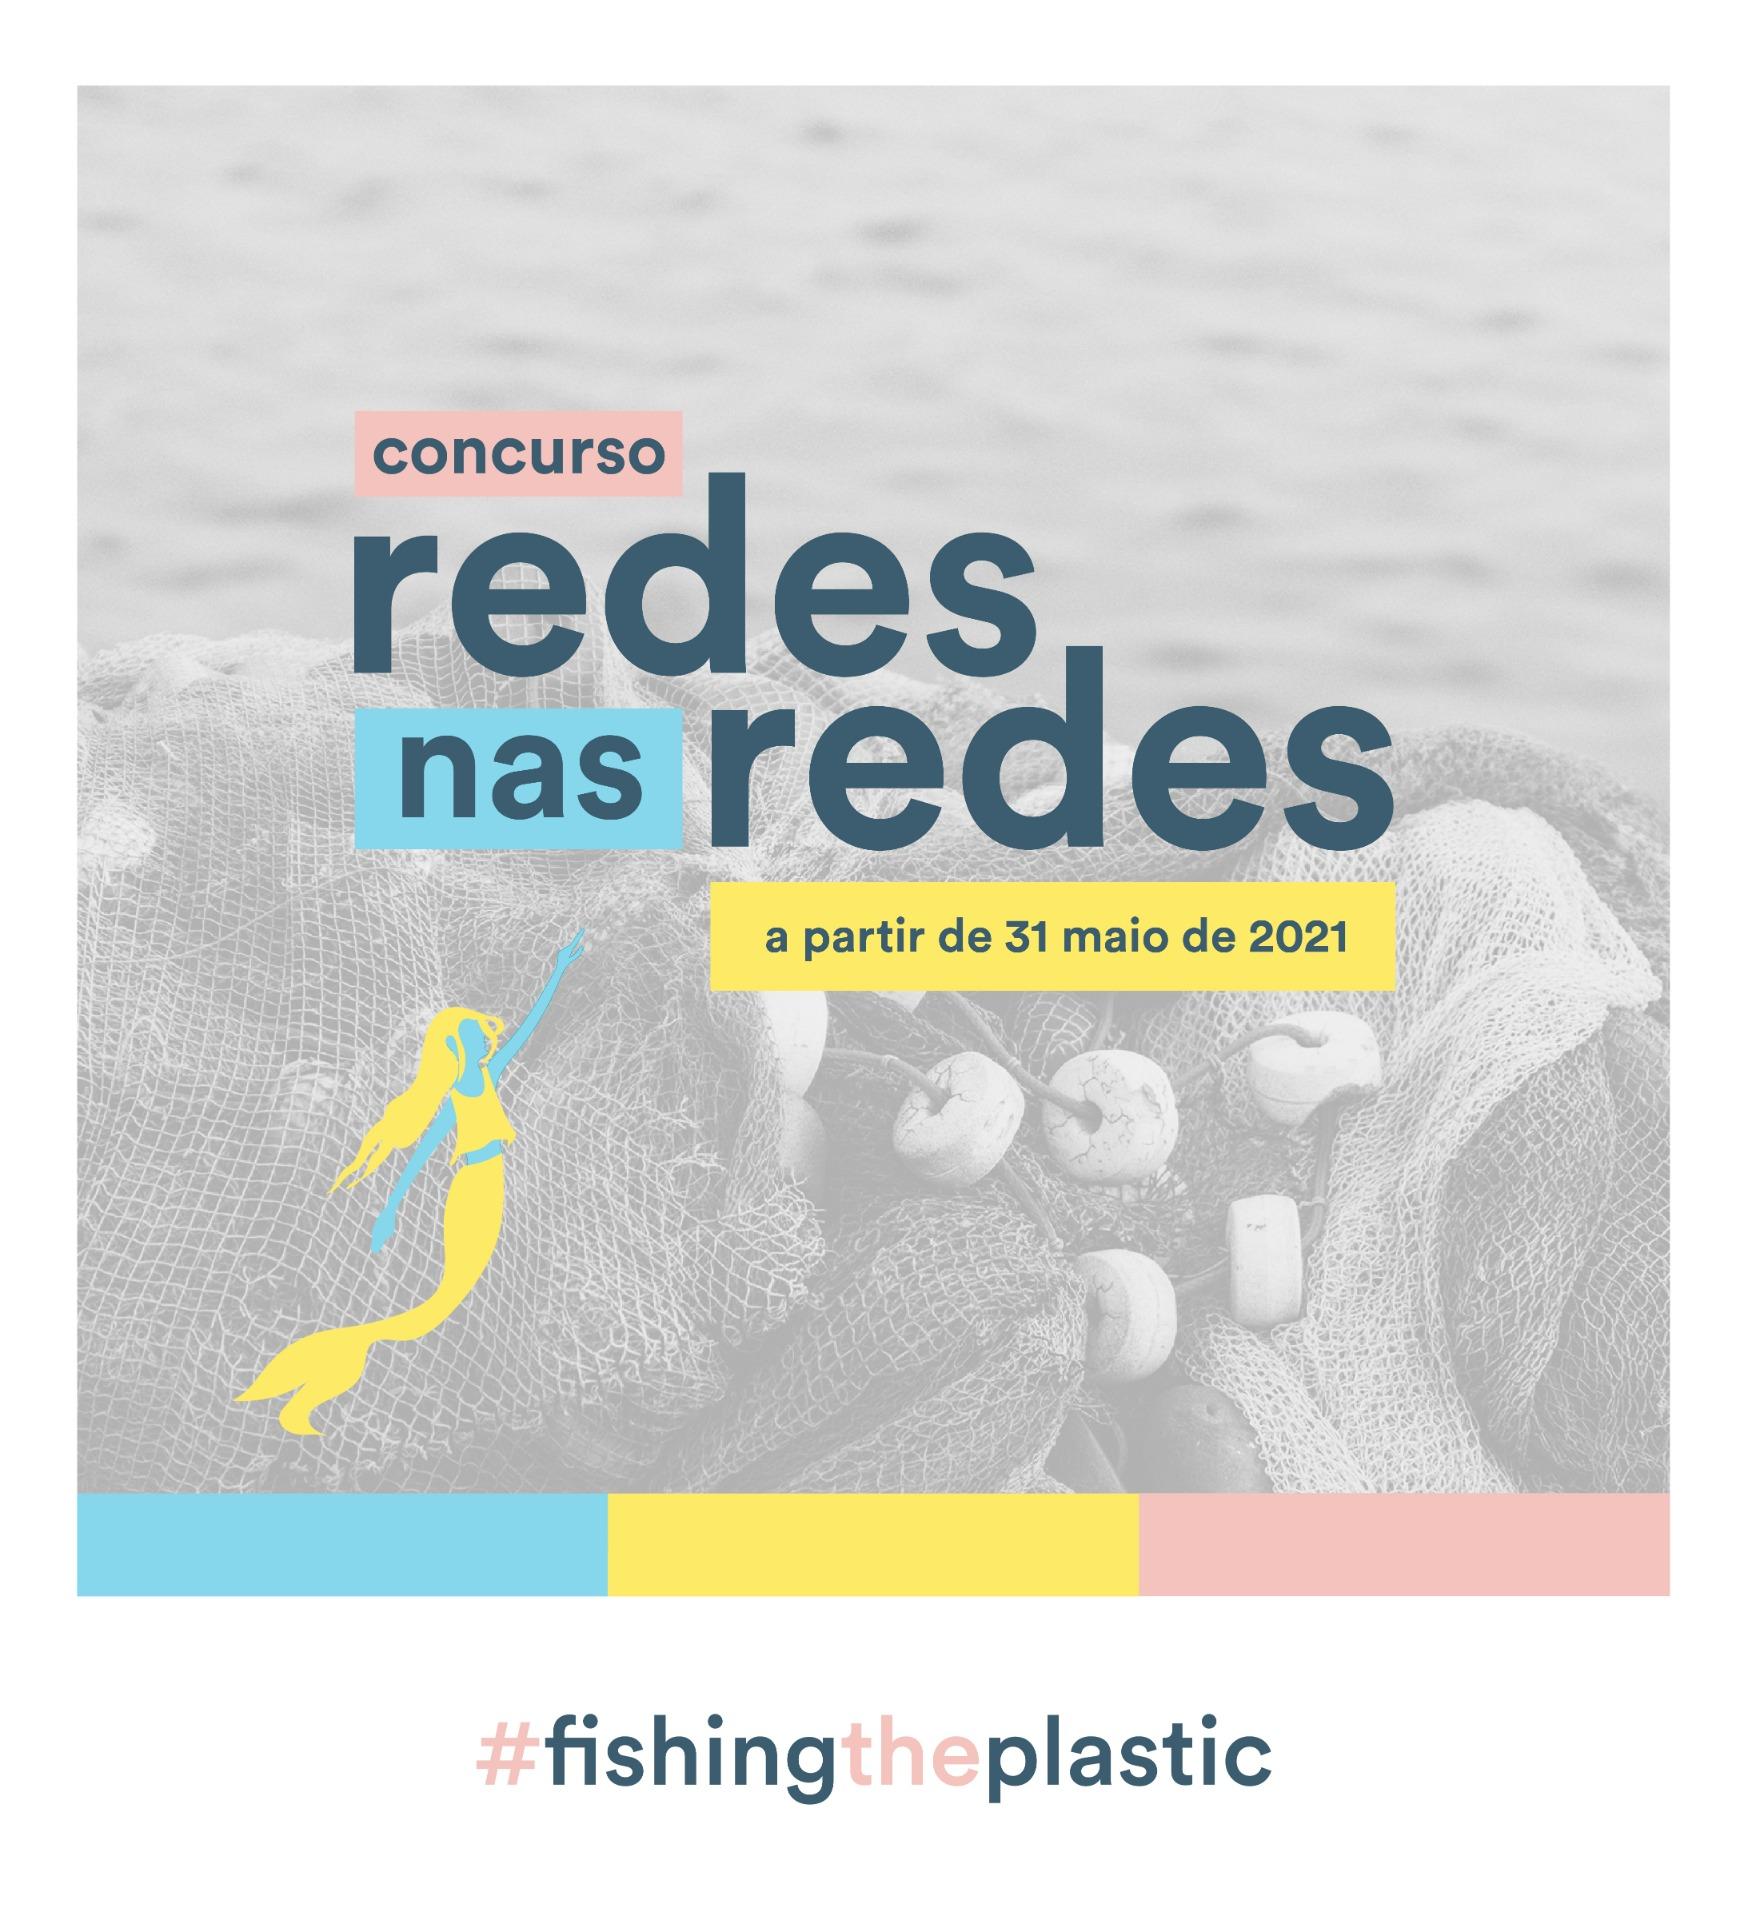 Concurso Redes nas Redes do projeto #fishingtheplastic abre inscrições!